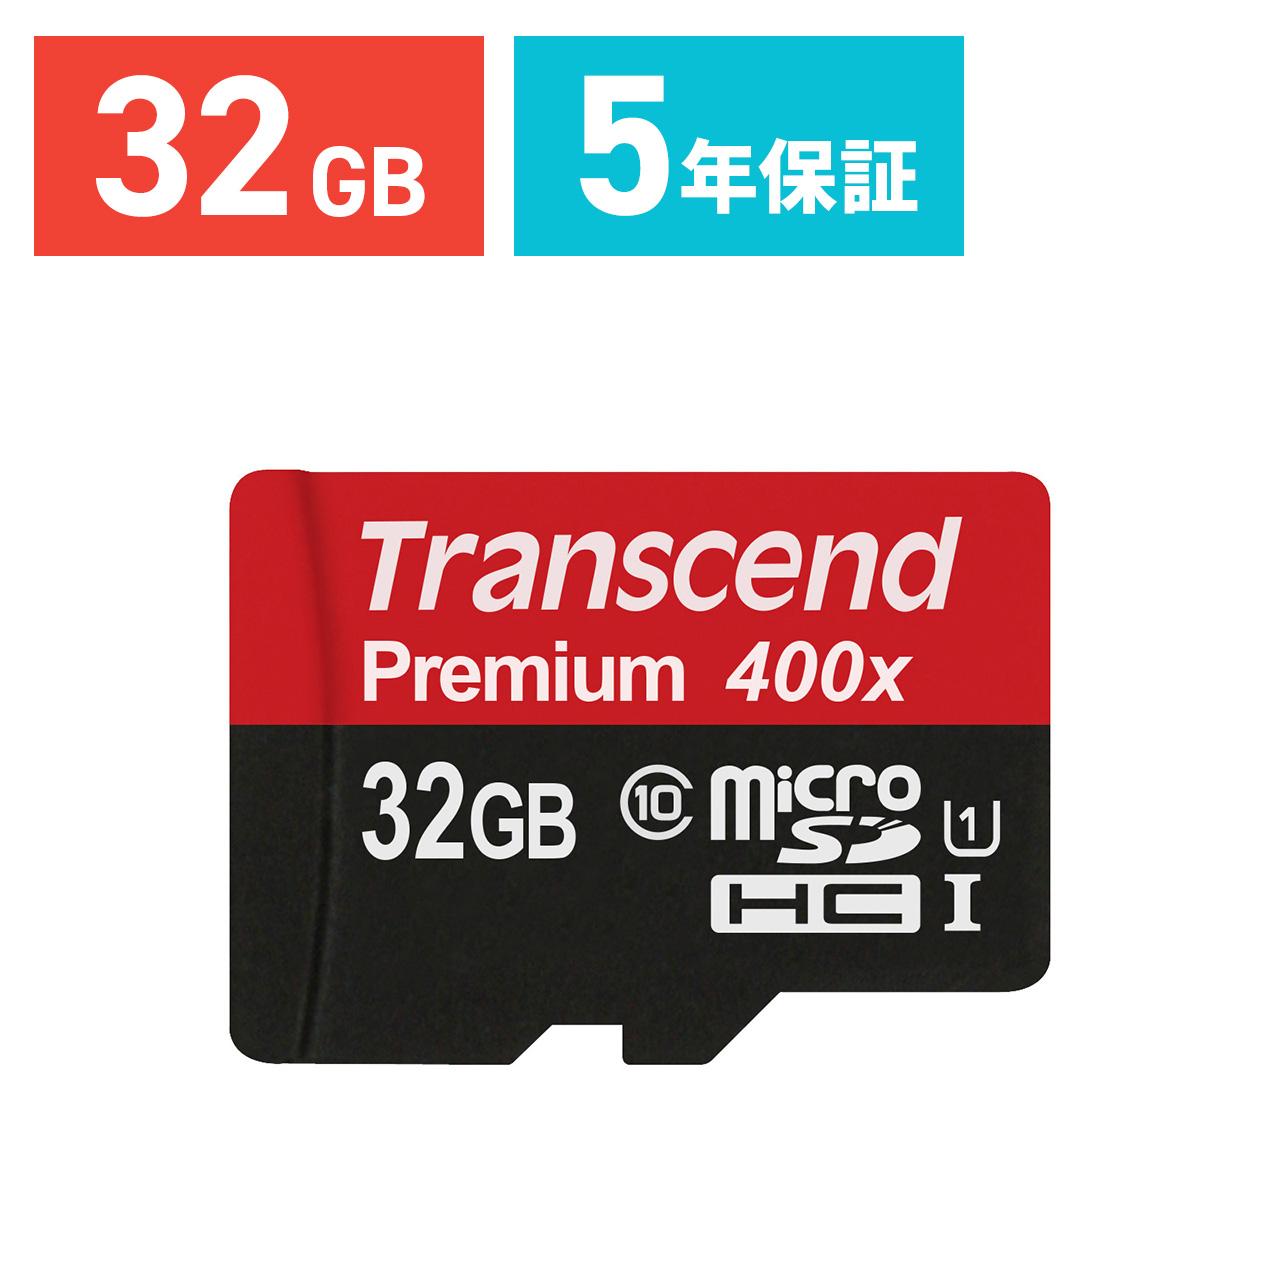 圧倒的な高評価レビュー4.5点 TS32GUSDCU1 大好評です ネコポス専用 送料無料対象品 Transcend microSDカード 32GB Class10 UHS-I 5年保証 Switch microSDHC 最大転送速度60MB スマホ Nintendo s 定番キャンバス マイクロSD クラス10 SD スイッチ